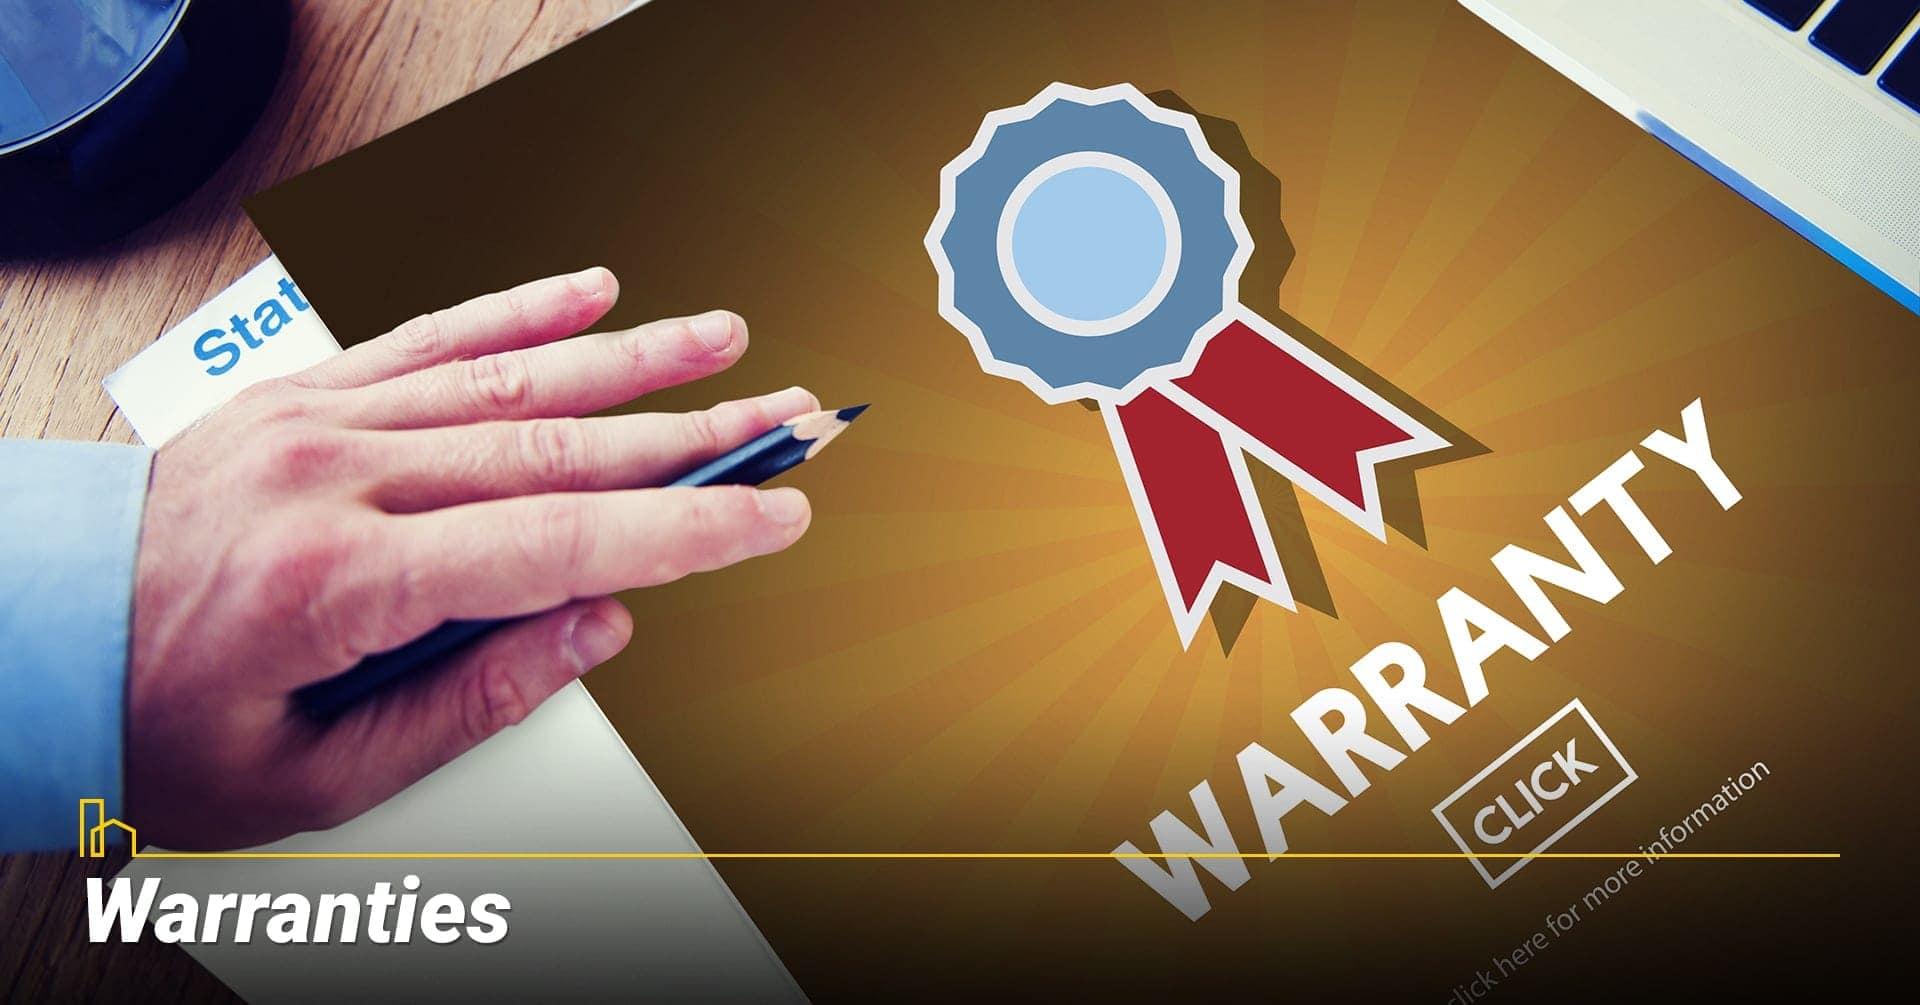 Warranties, check for warranties